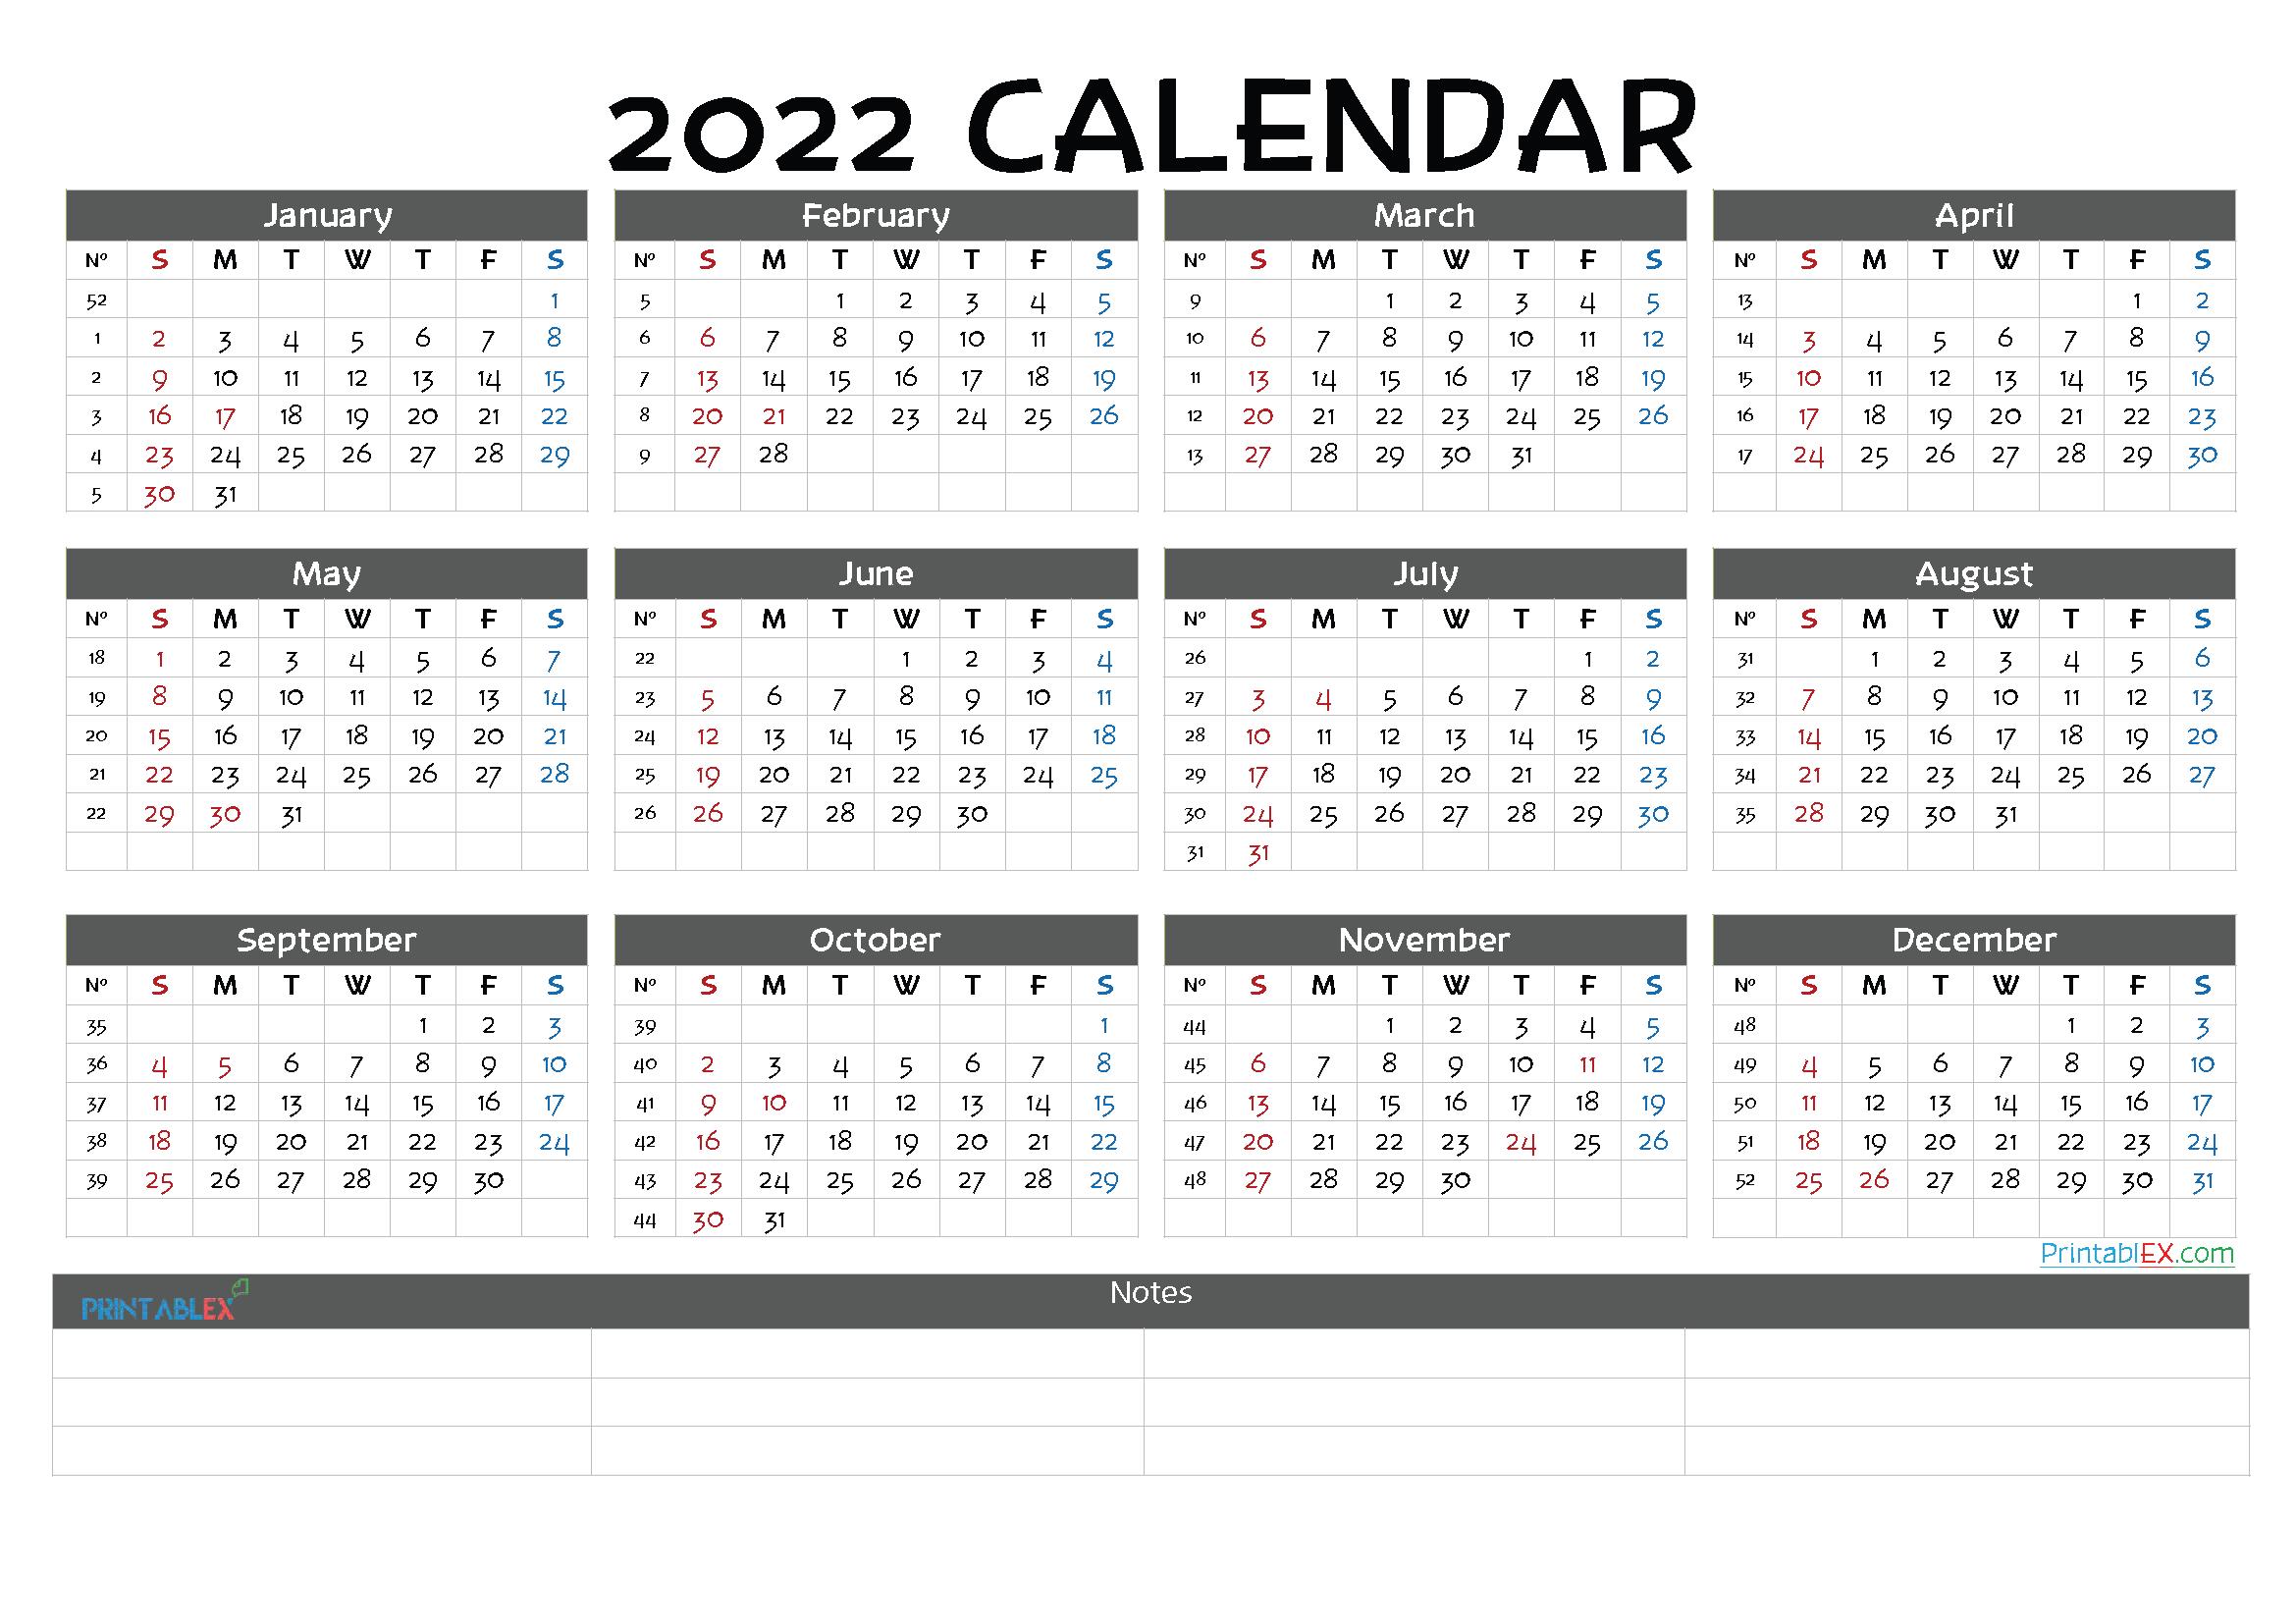 Printable 2022 Yearly Calendar - 22ytw139